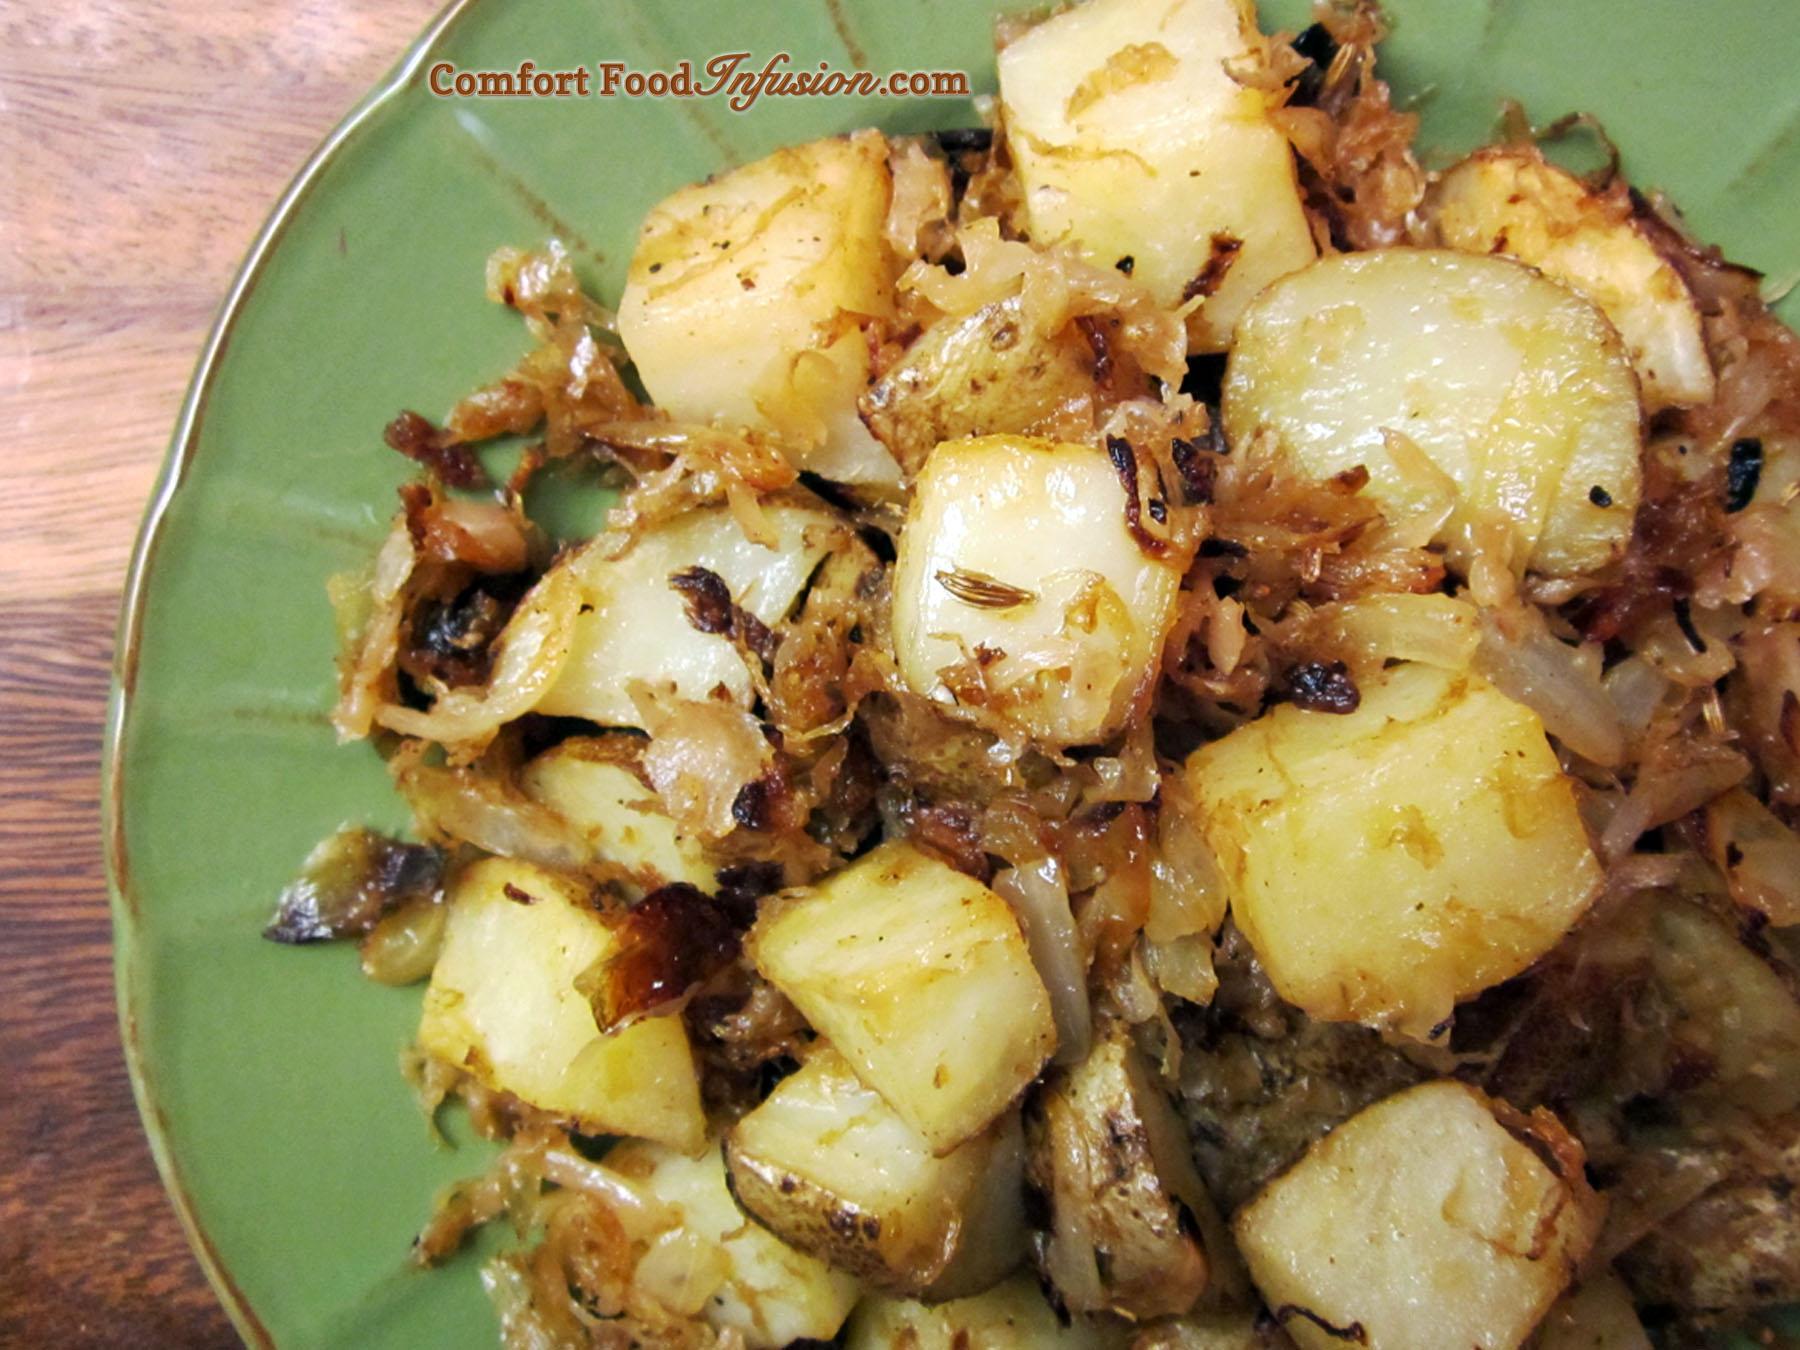 Roasted Potatoes with Sauerkraut